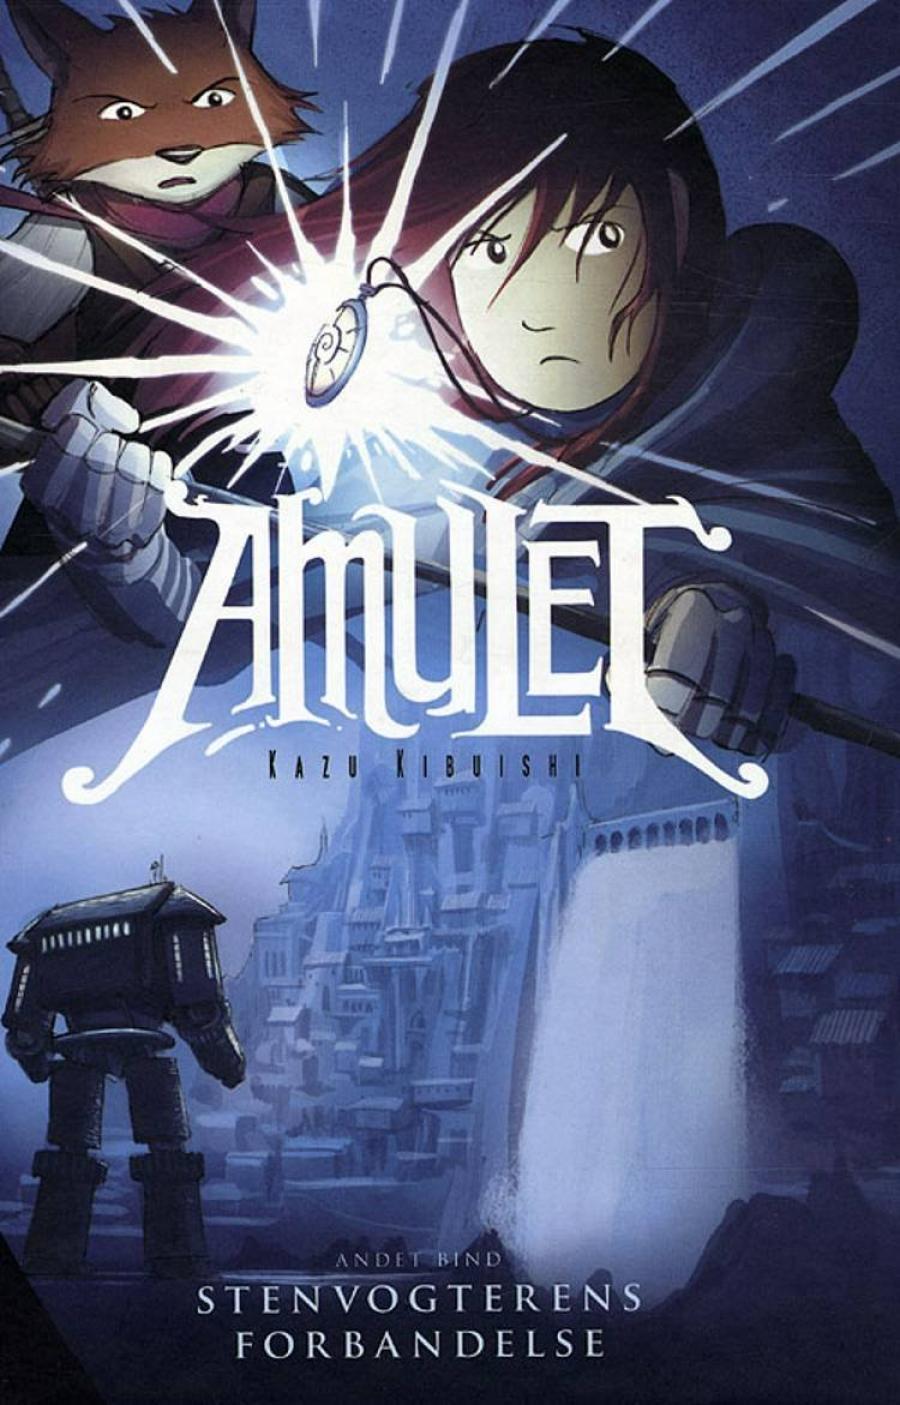 Forsidebillede af tegneserien Amulet 2 Stenvogterens forbandelse af Kazu Kibuishi